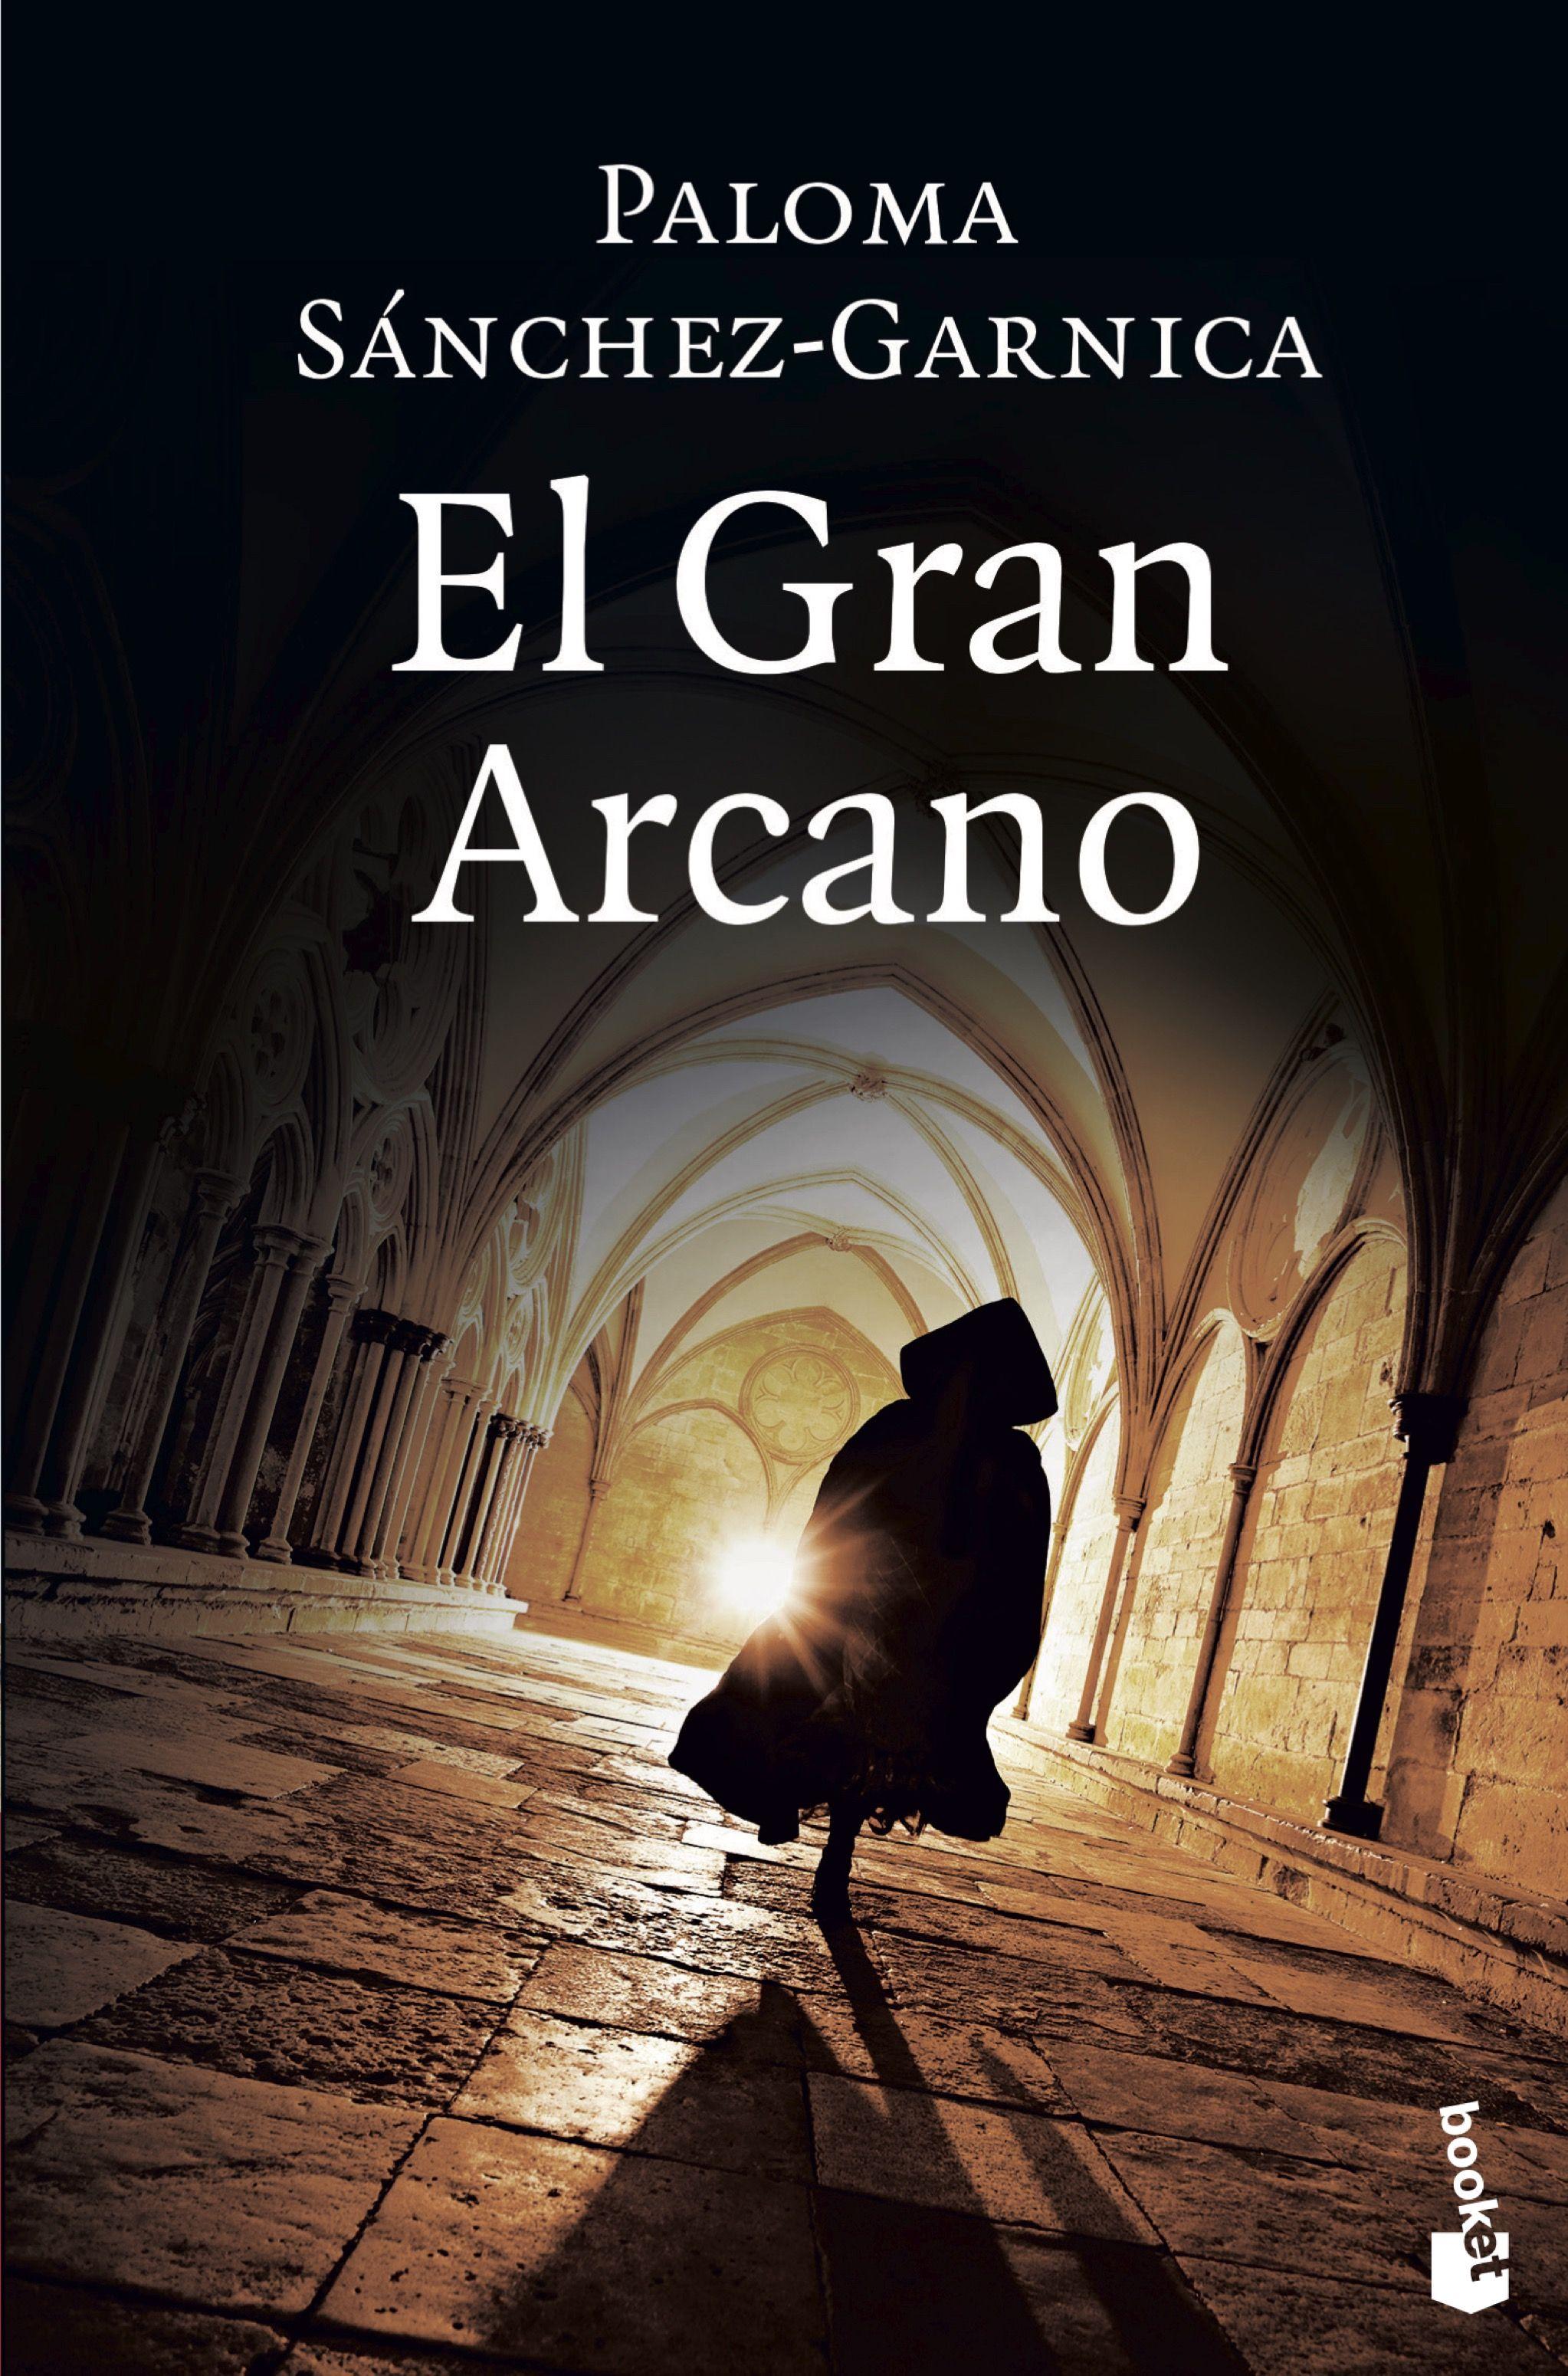 el gran arcano-paloma sanchez-garnica-9788408181118